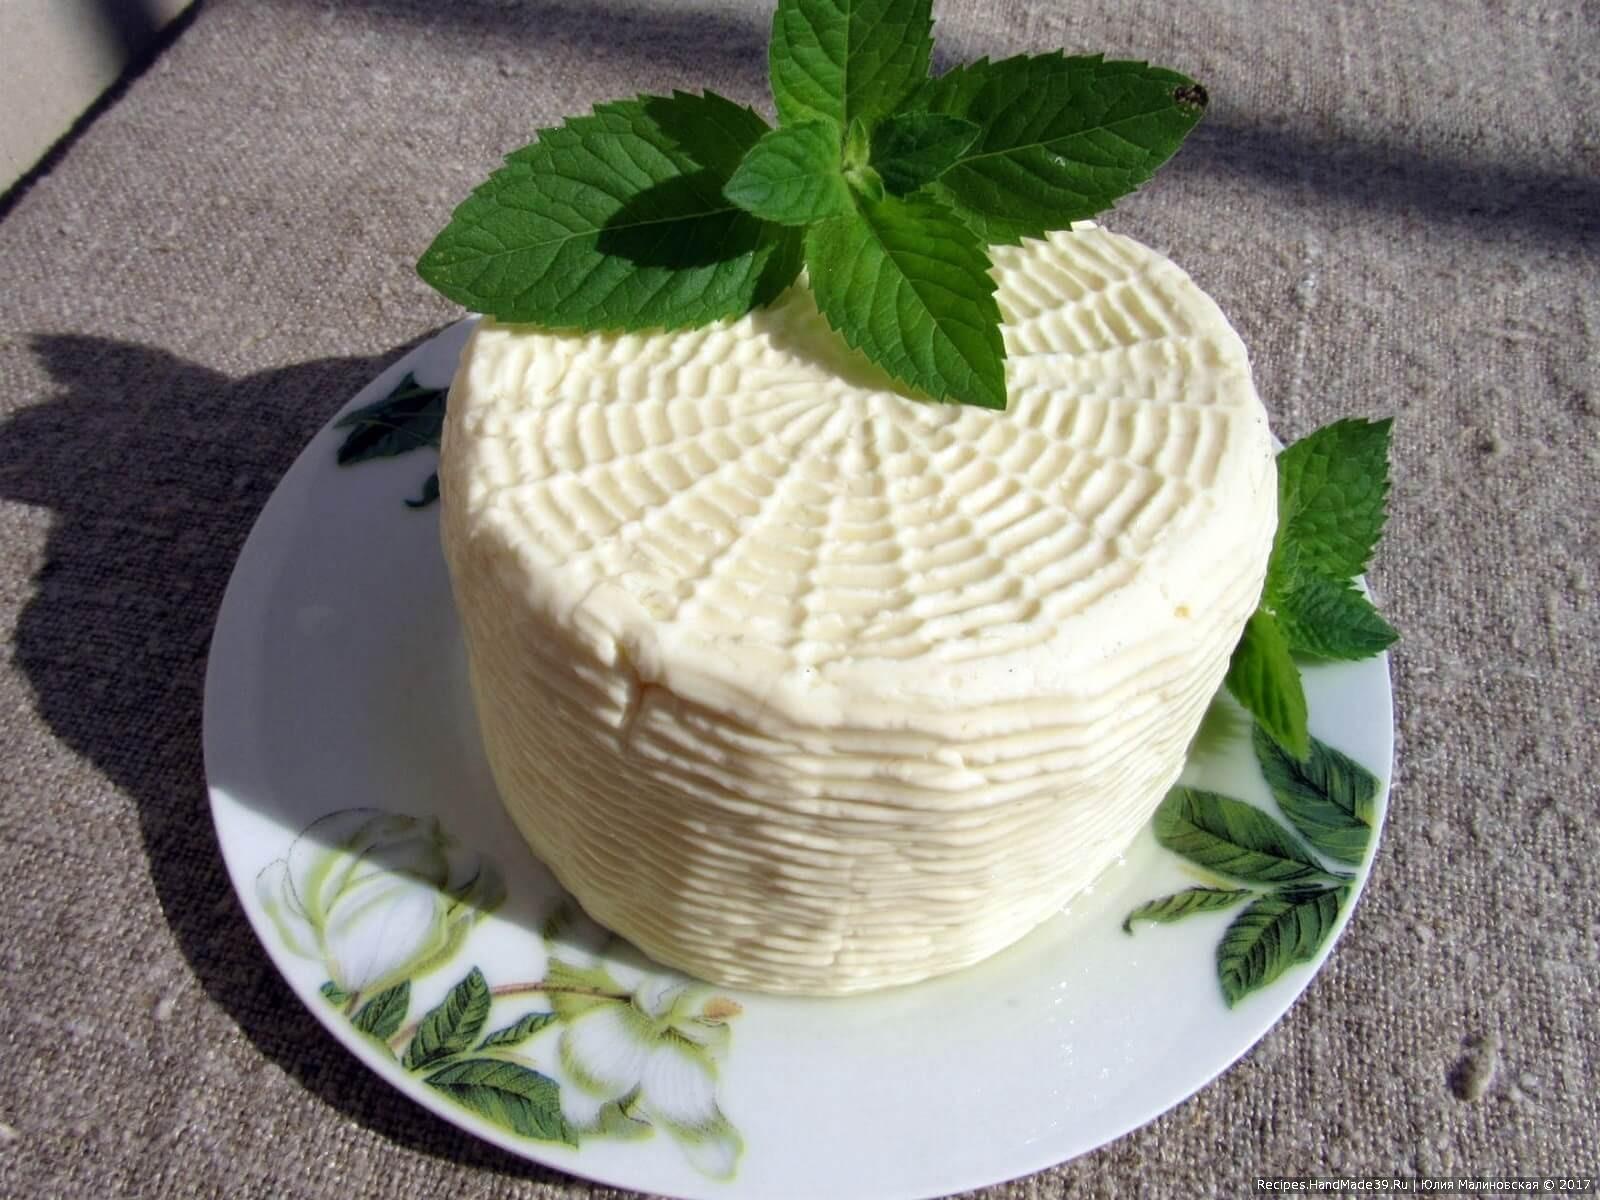 Хранить брынзу следует в холодильнике. Этот сыр очень хорош для чая, кофе и салатов, приятного аппетита!